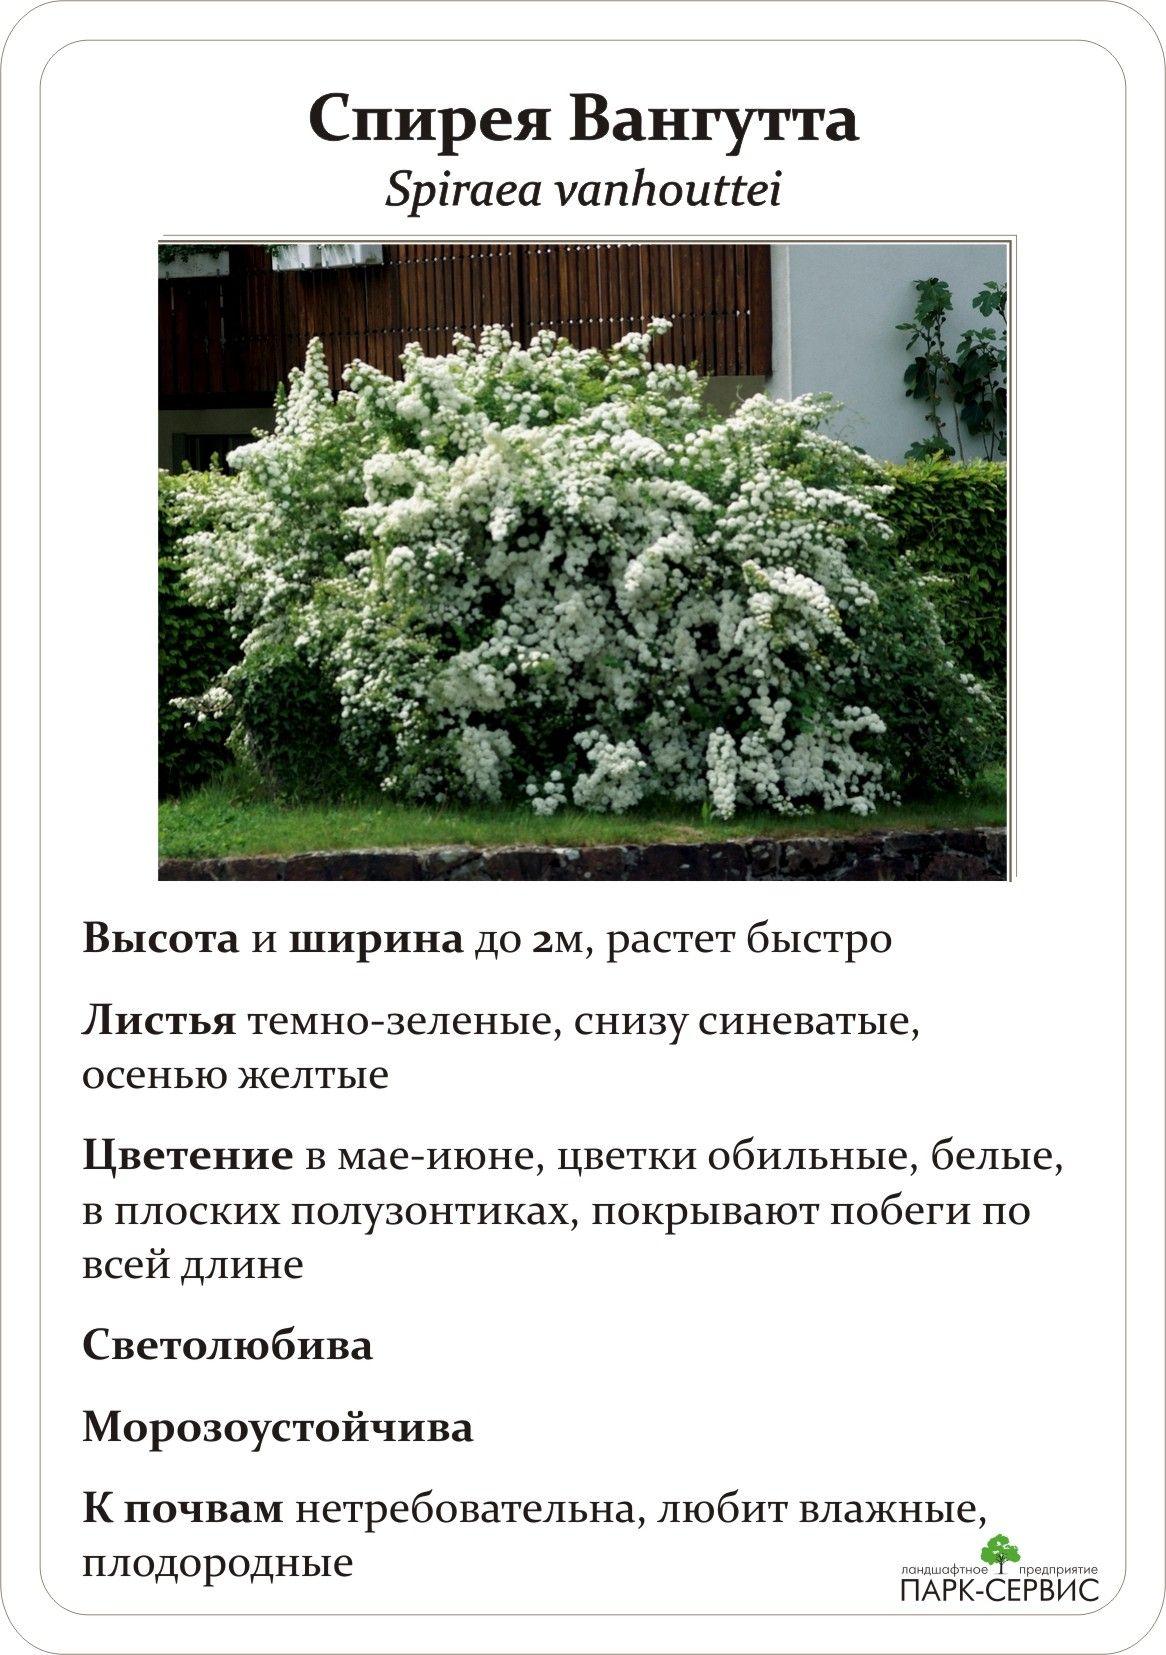 Спирея билларда (39 фото): описание spiraea billardii, посадка и уход, применение в ландшафтном дизайне, обрезка кустарника и сорта